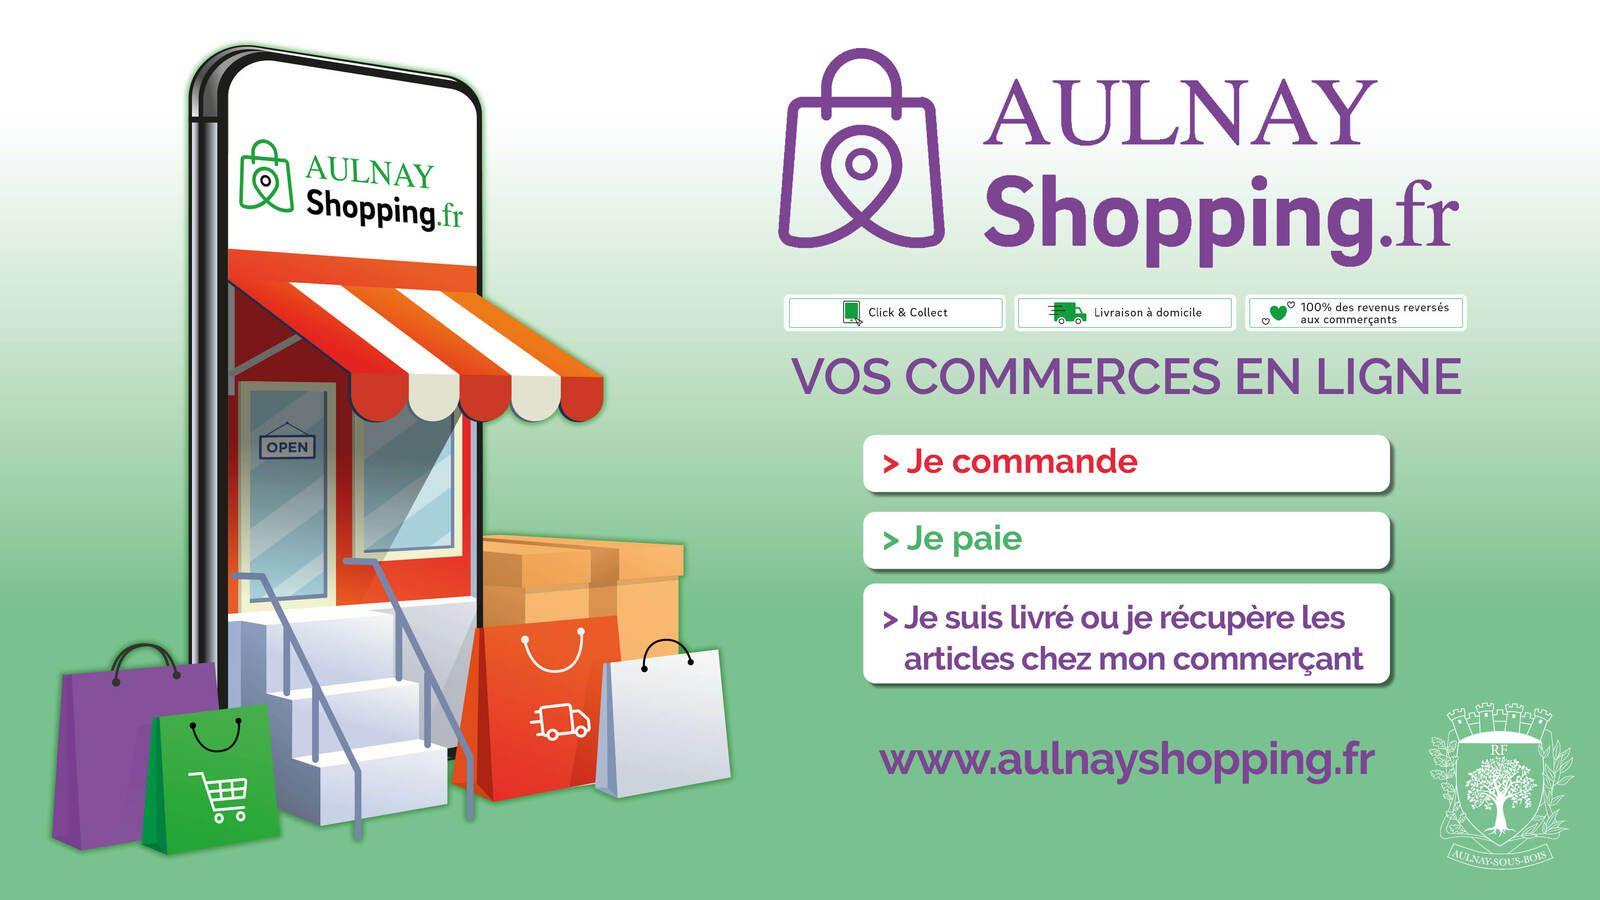 Soutenez les commerces à Aulnay-sous-Bois en cliquant sur Aulnay Shopping !